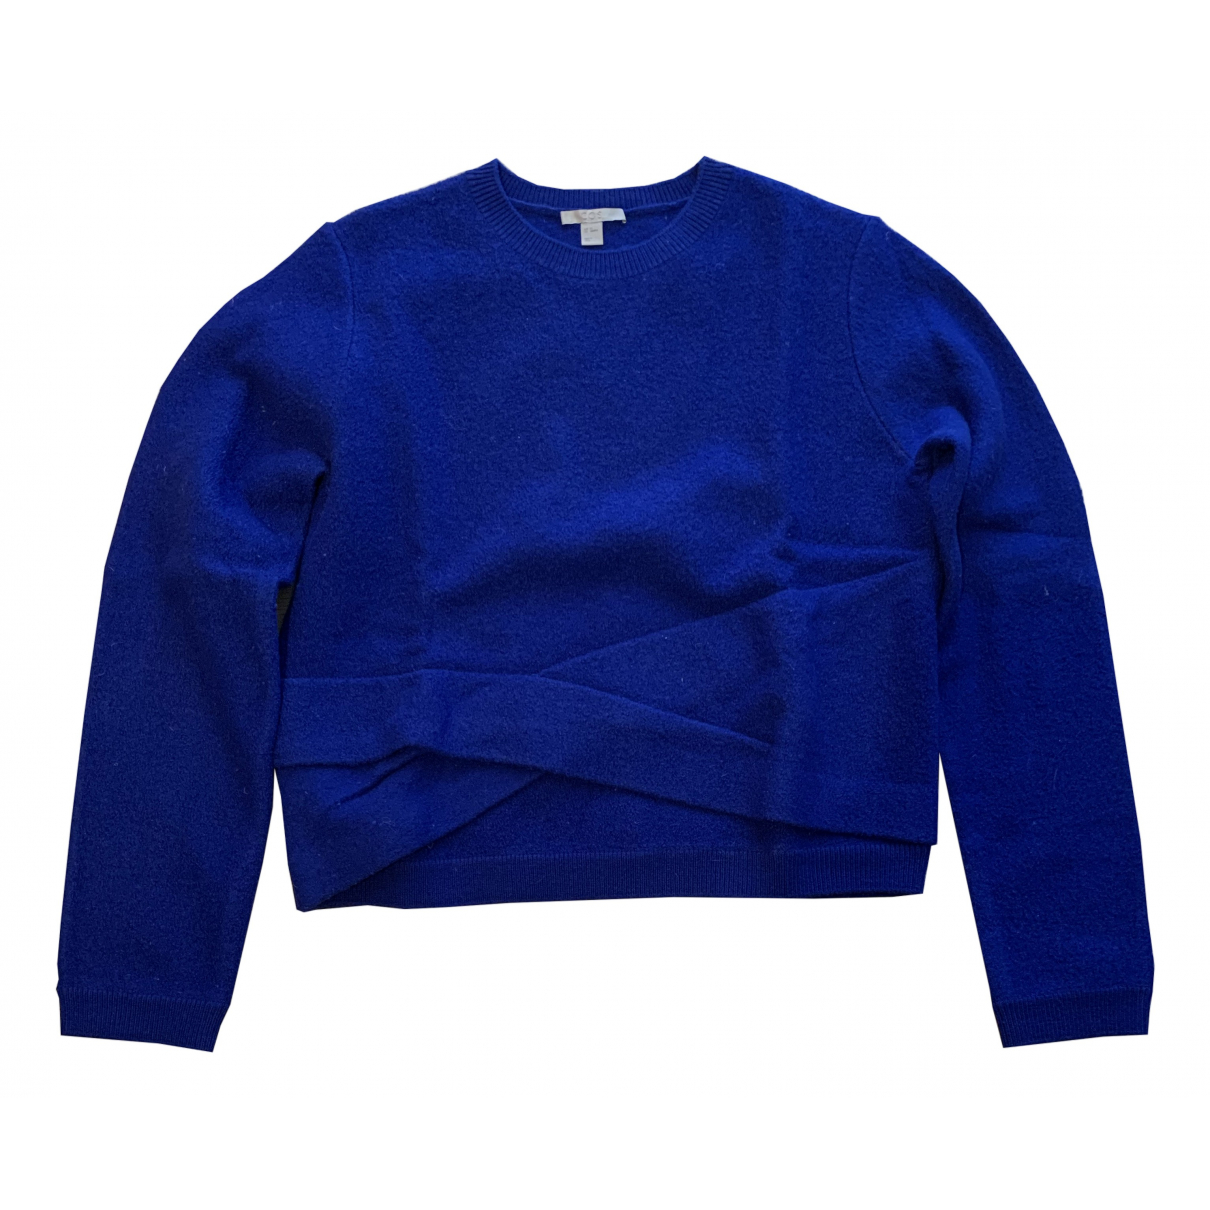 Cos - Pull   pour femme en laine - bleu